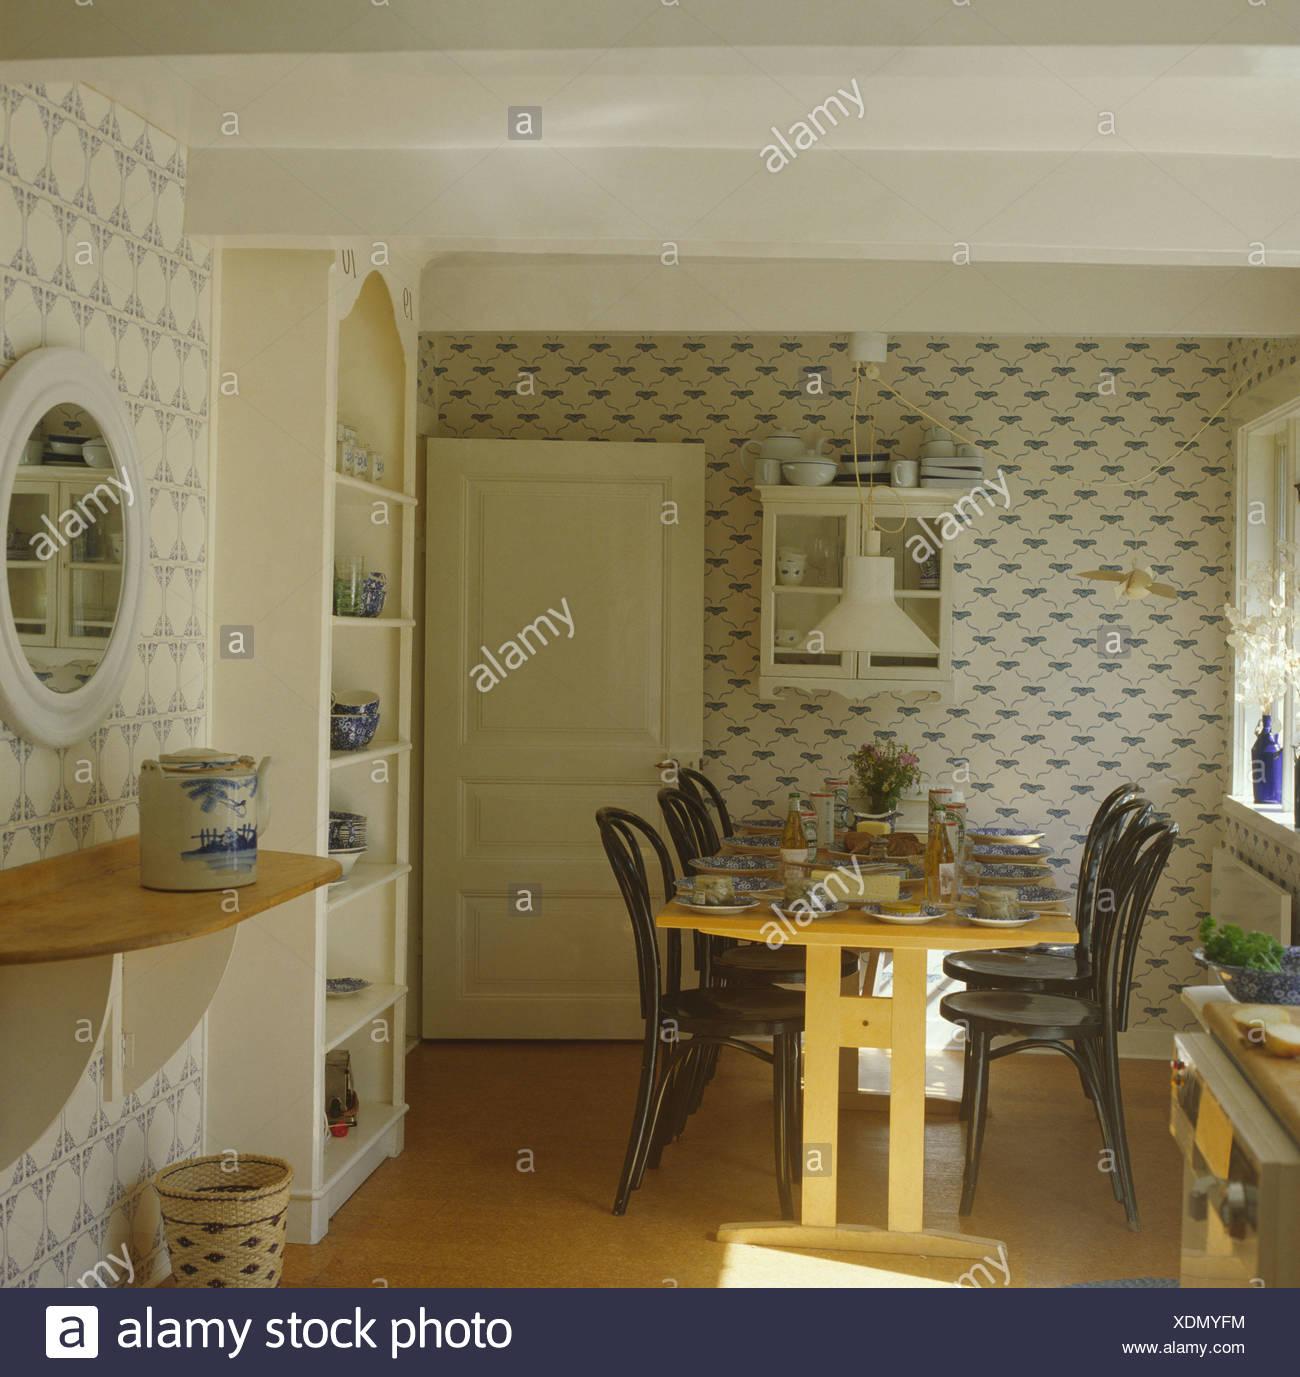 Holztisch Und Bugholz Stuhle Landhaus Esszimmer Mit Tapeten Und